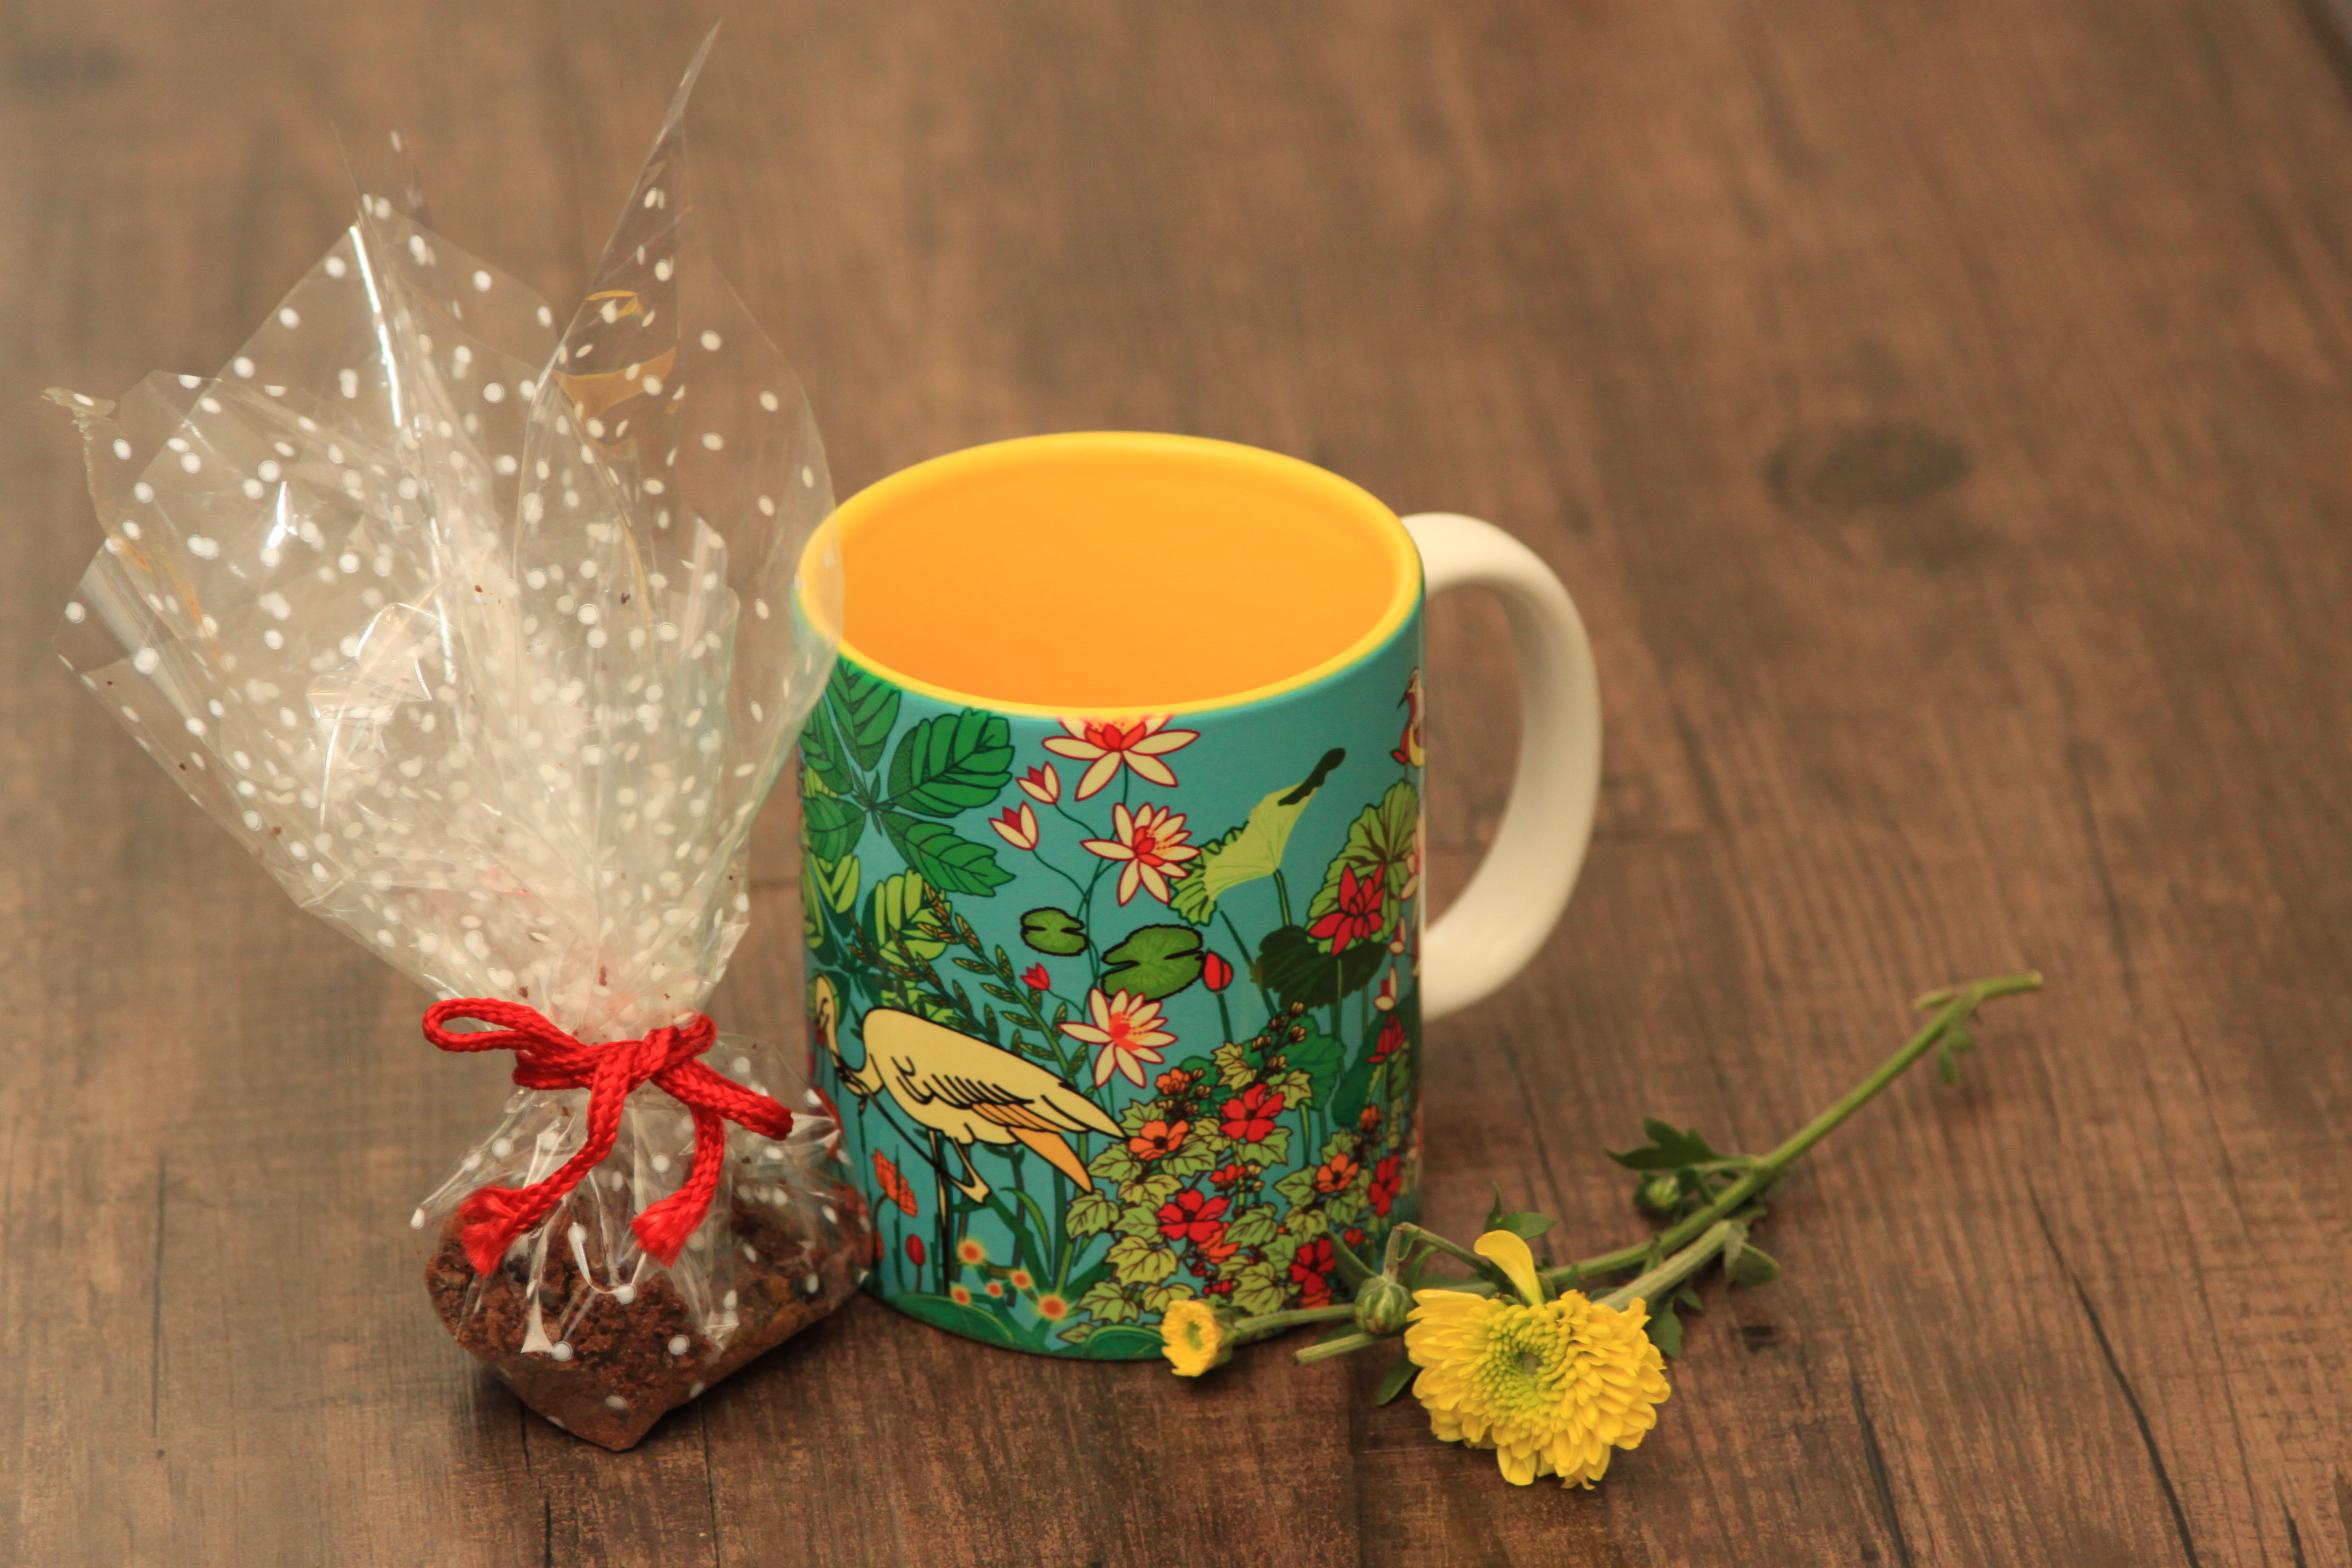 Hot Cocoa in a Mug